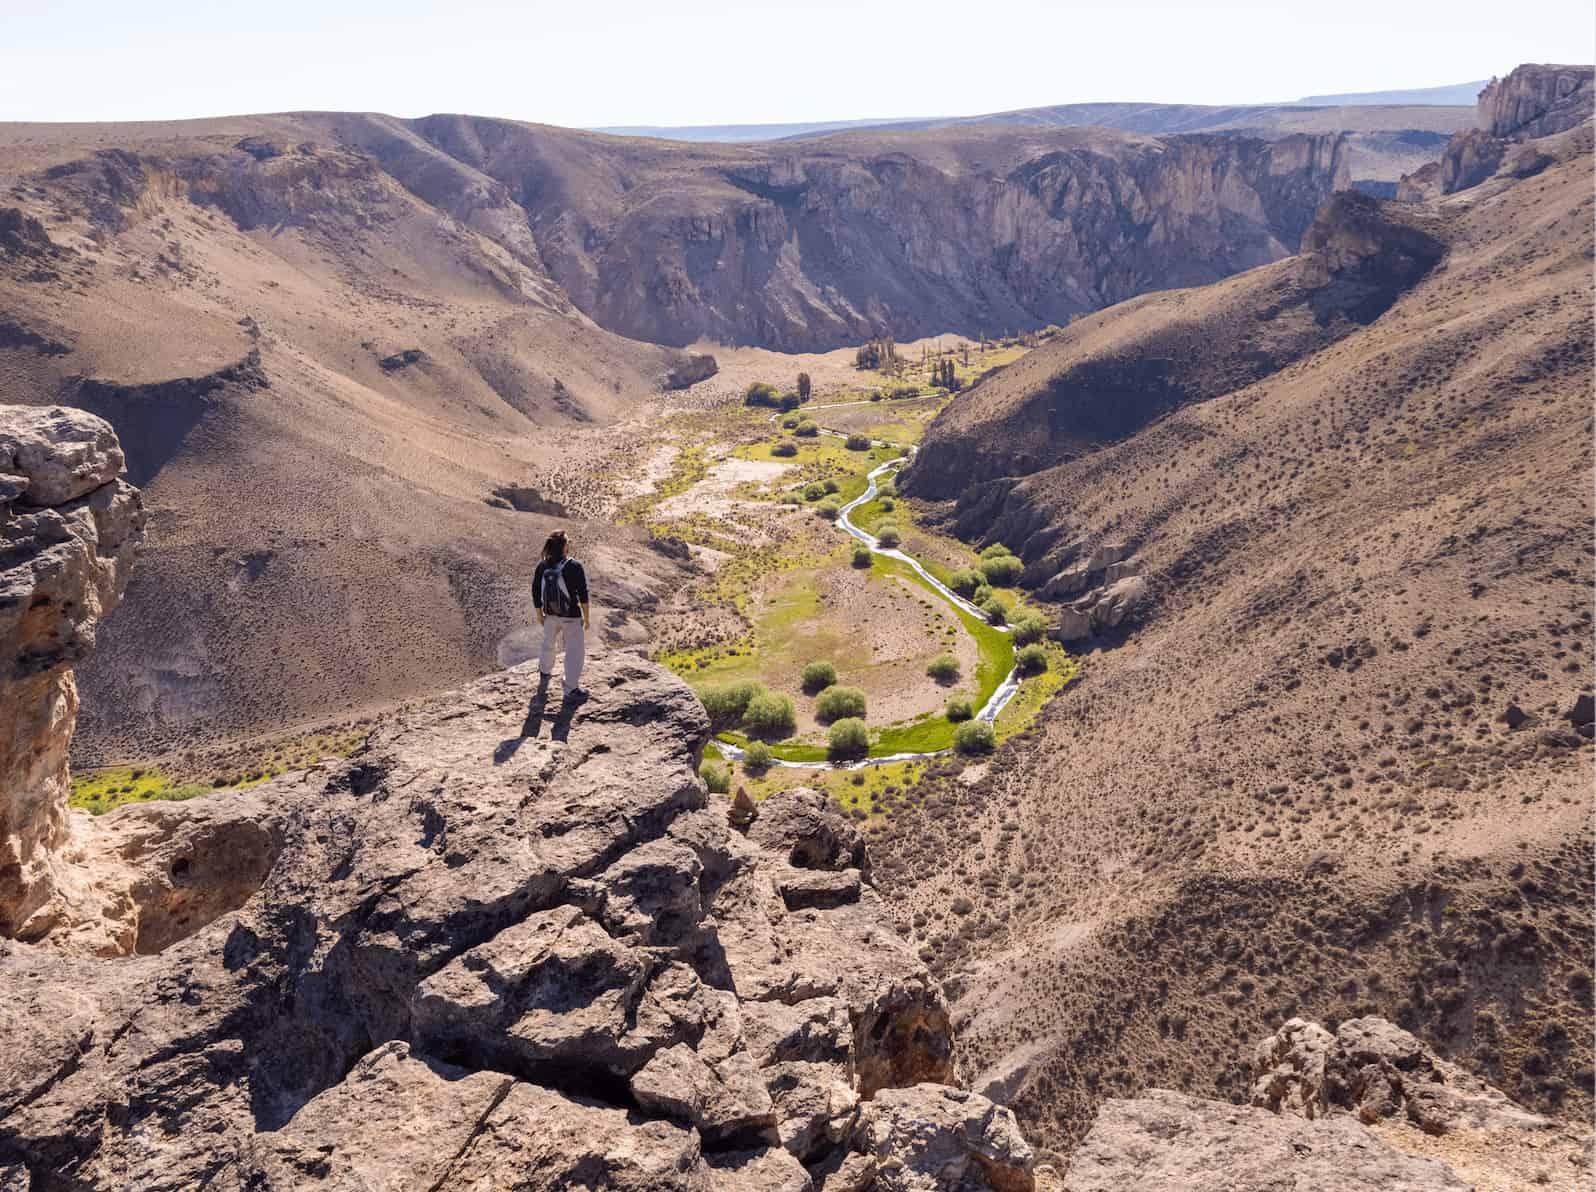 visita-a-la-Cueva-de-las-Manos